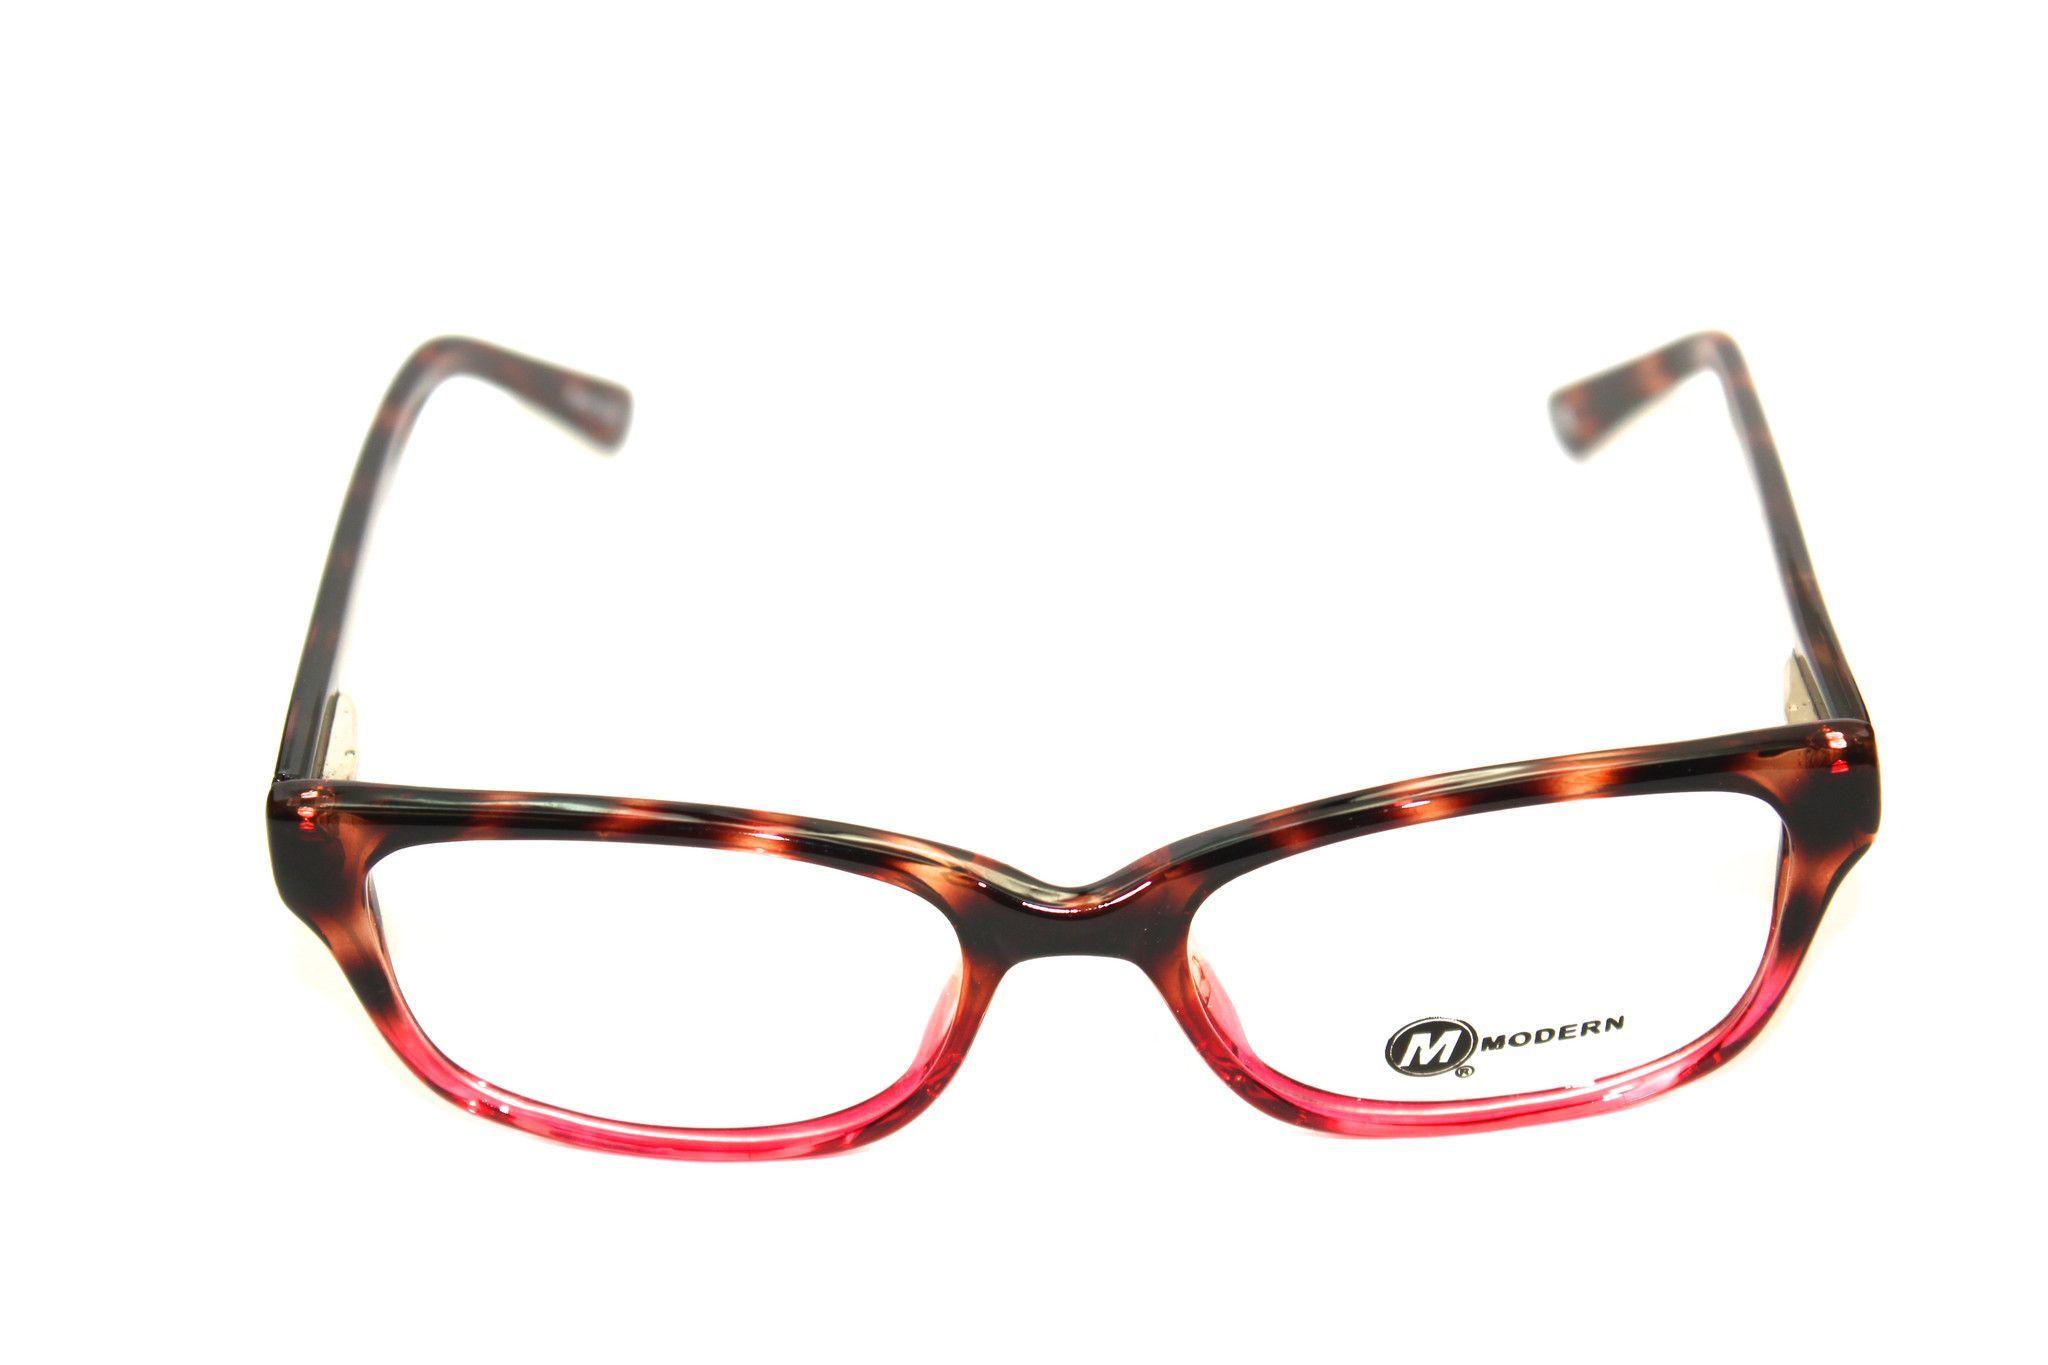 Modern Optical Harper Tortoise/Burgundy (50mm) Eyeglasses